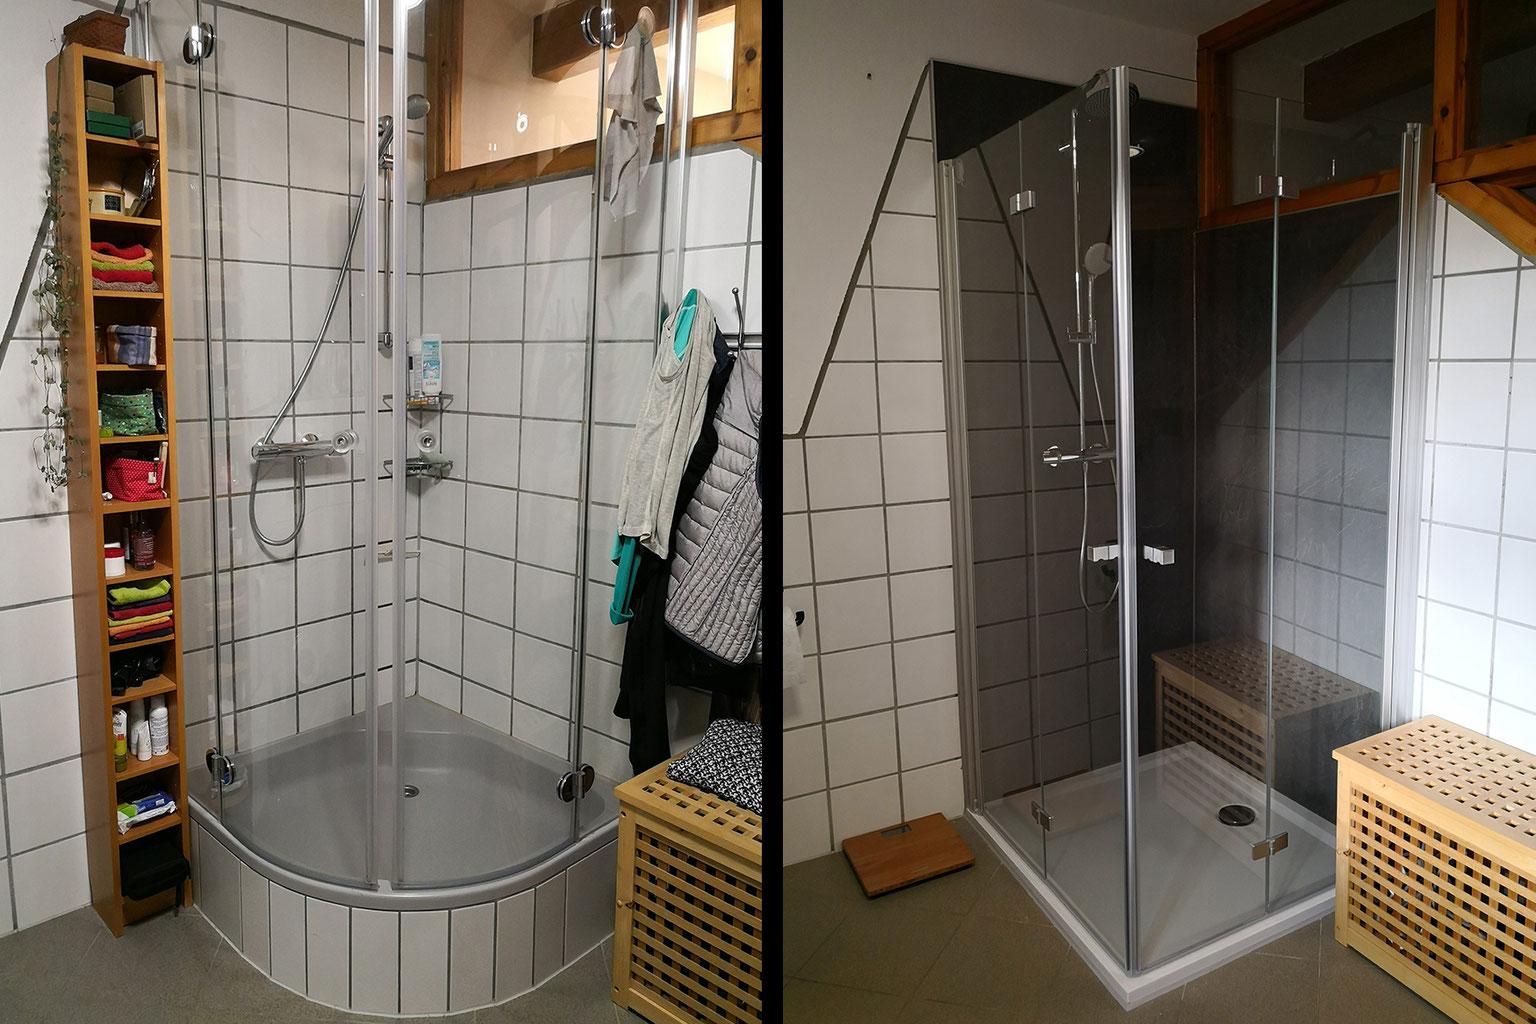 Fugenlose Wannen Und Duschsanierungen An Einem Werktag Penkwitt Ihr Spezialist Fur Bad Und Duschsanierung In Kusel